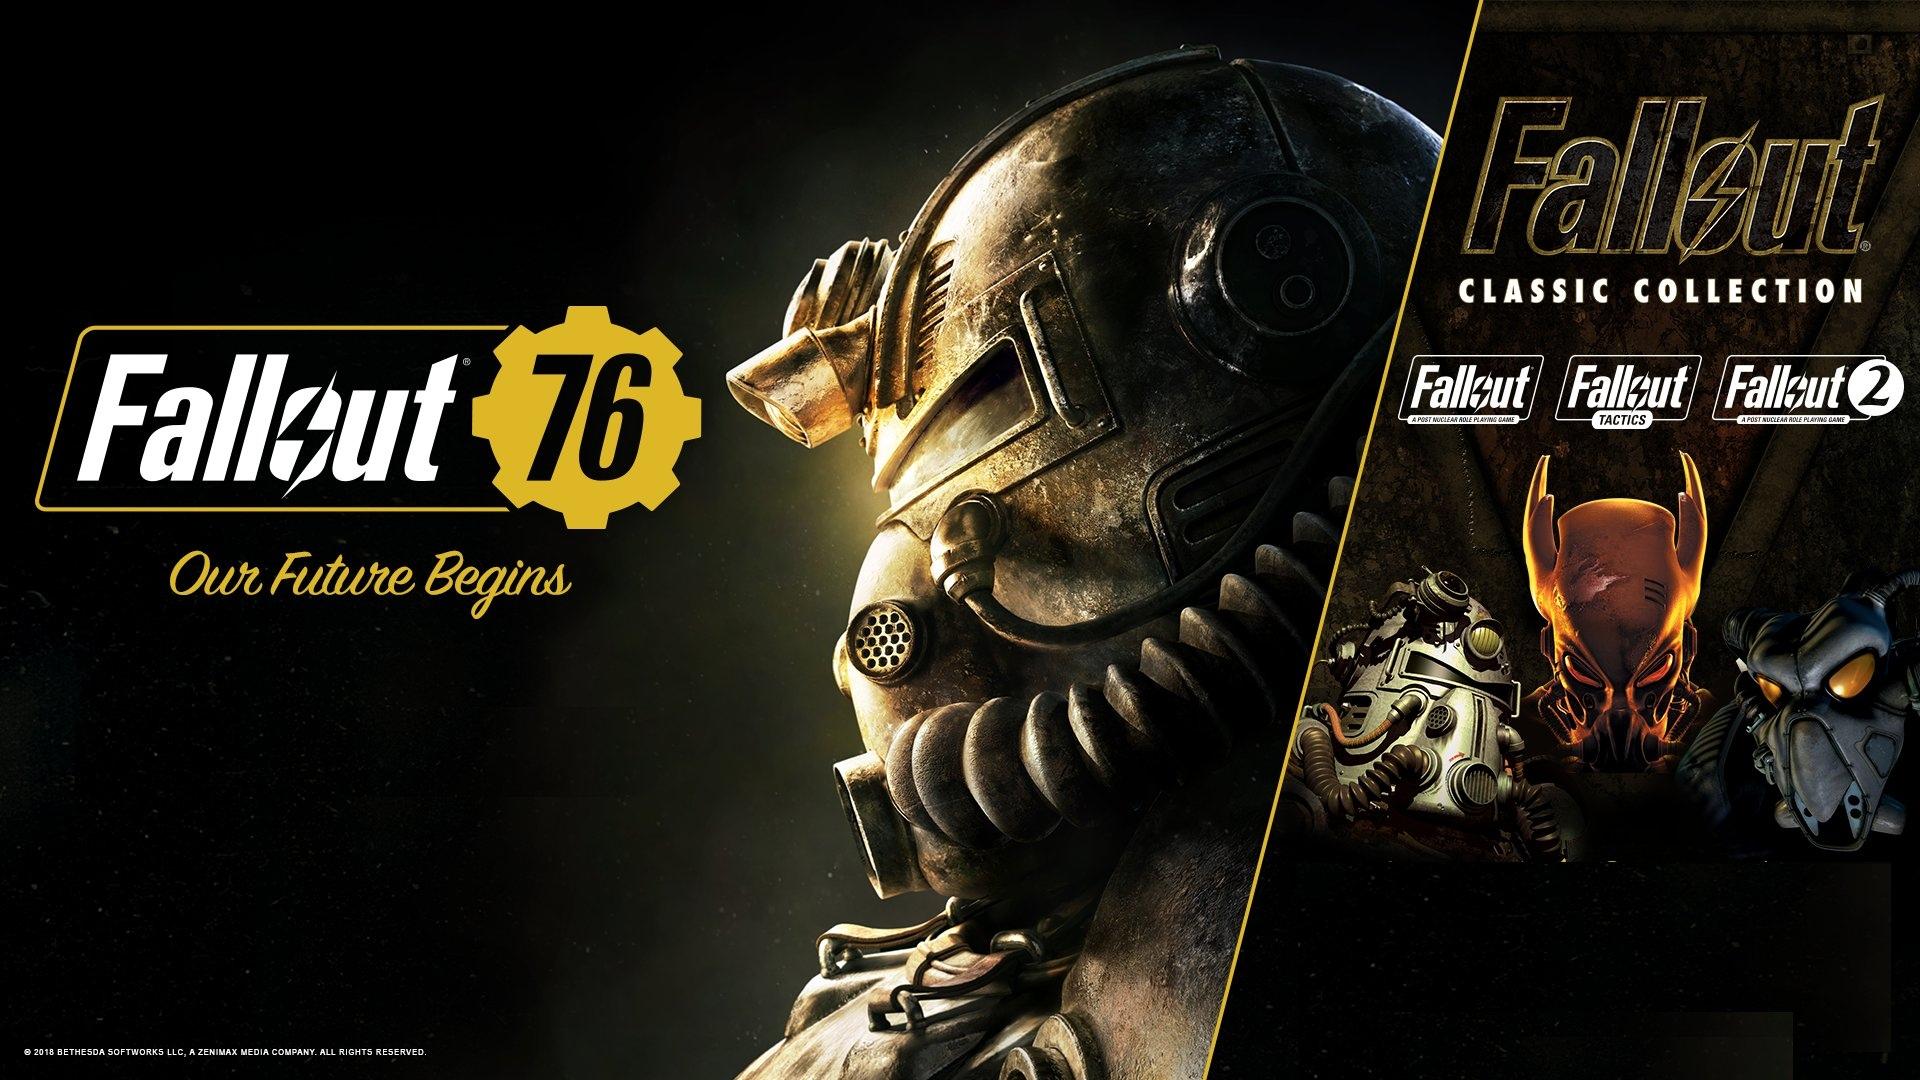 Все владельцы Fallout76 (запустившие игру хоть раз в 2018) получат Fallout Classic Collection в подарок уже в январе.